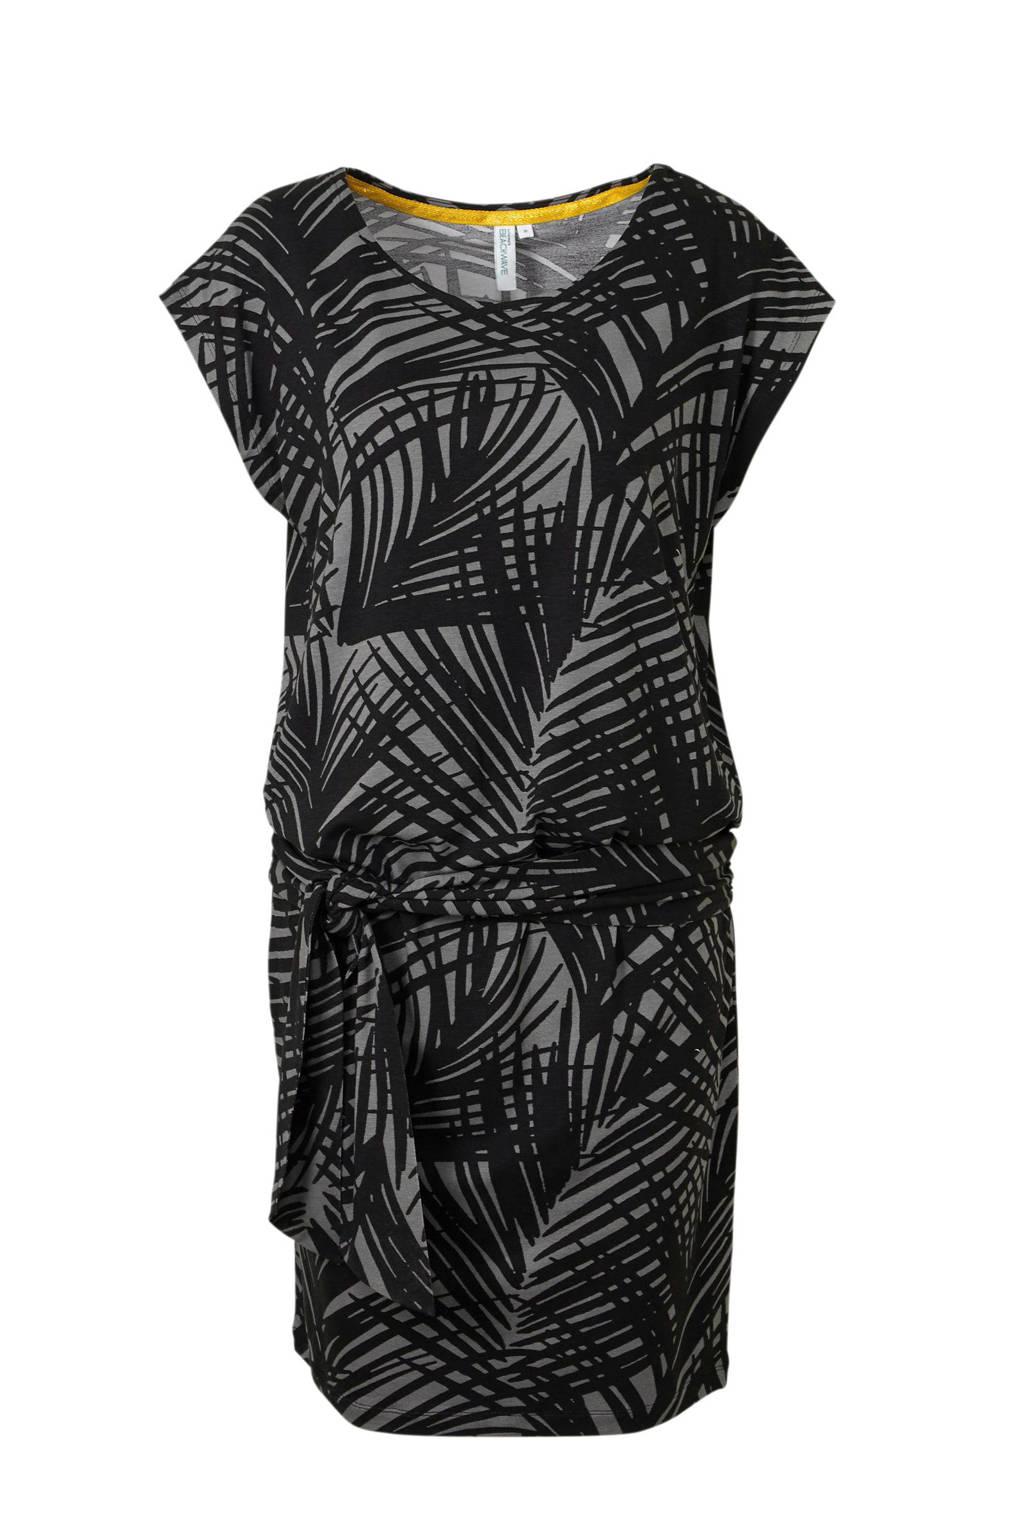 whkmp's beachwave jurk met ceintuur detail en bladprint, Grijs/zwart